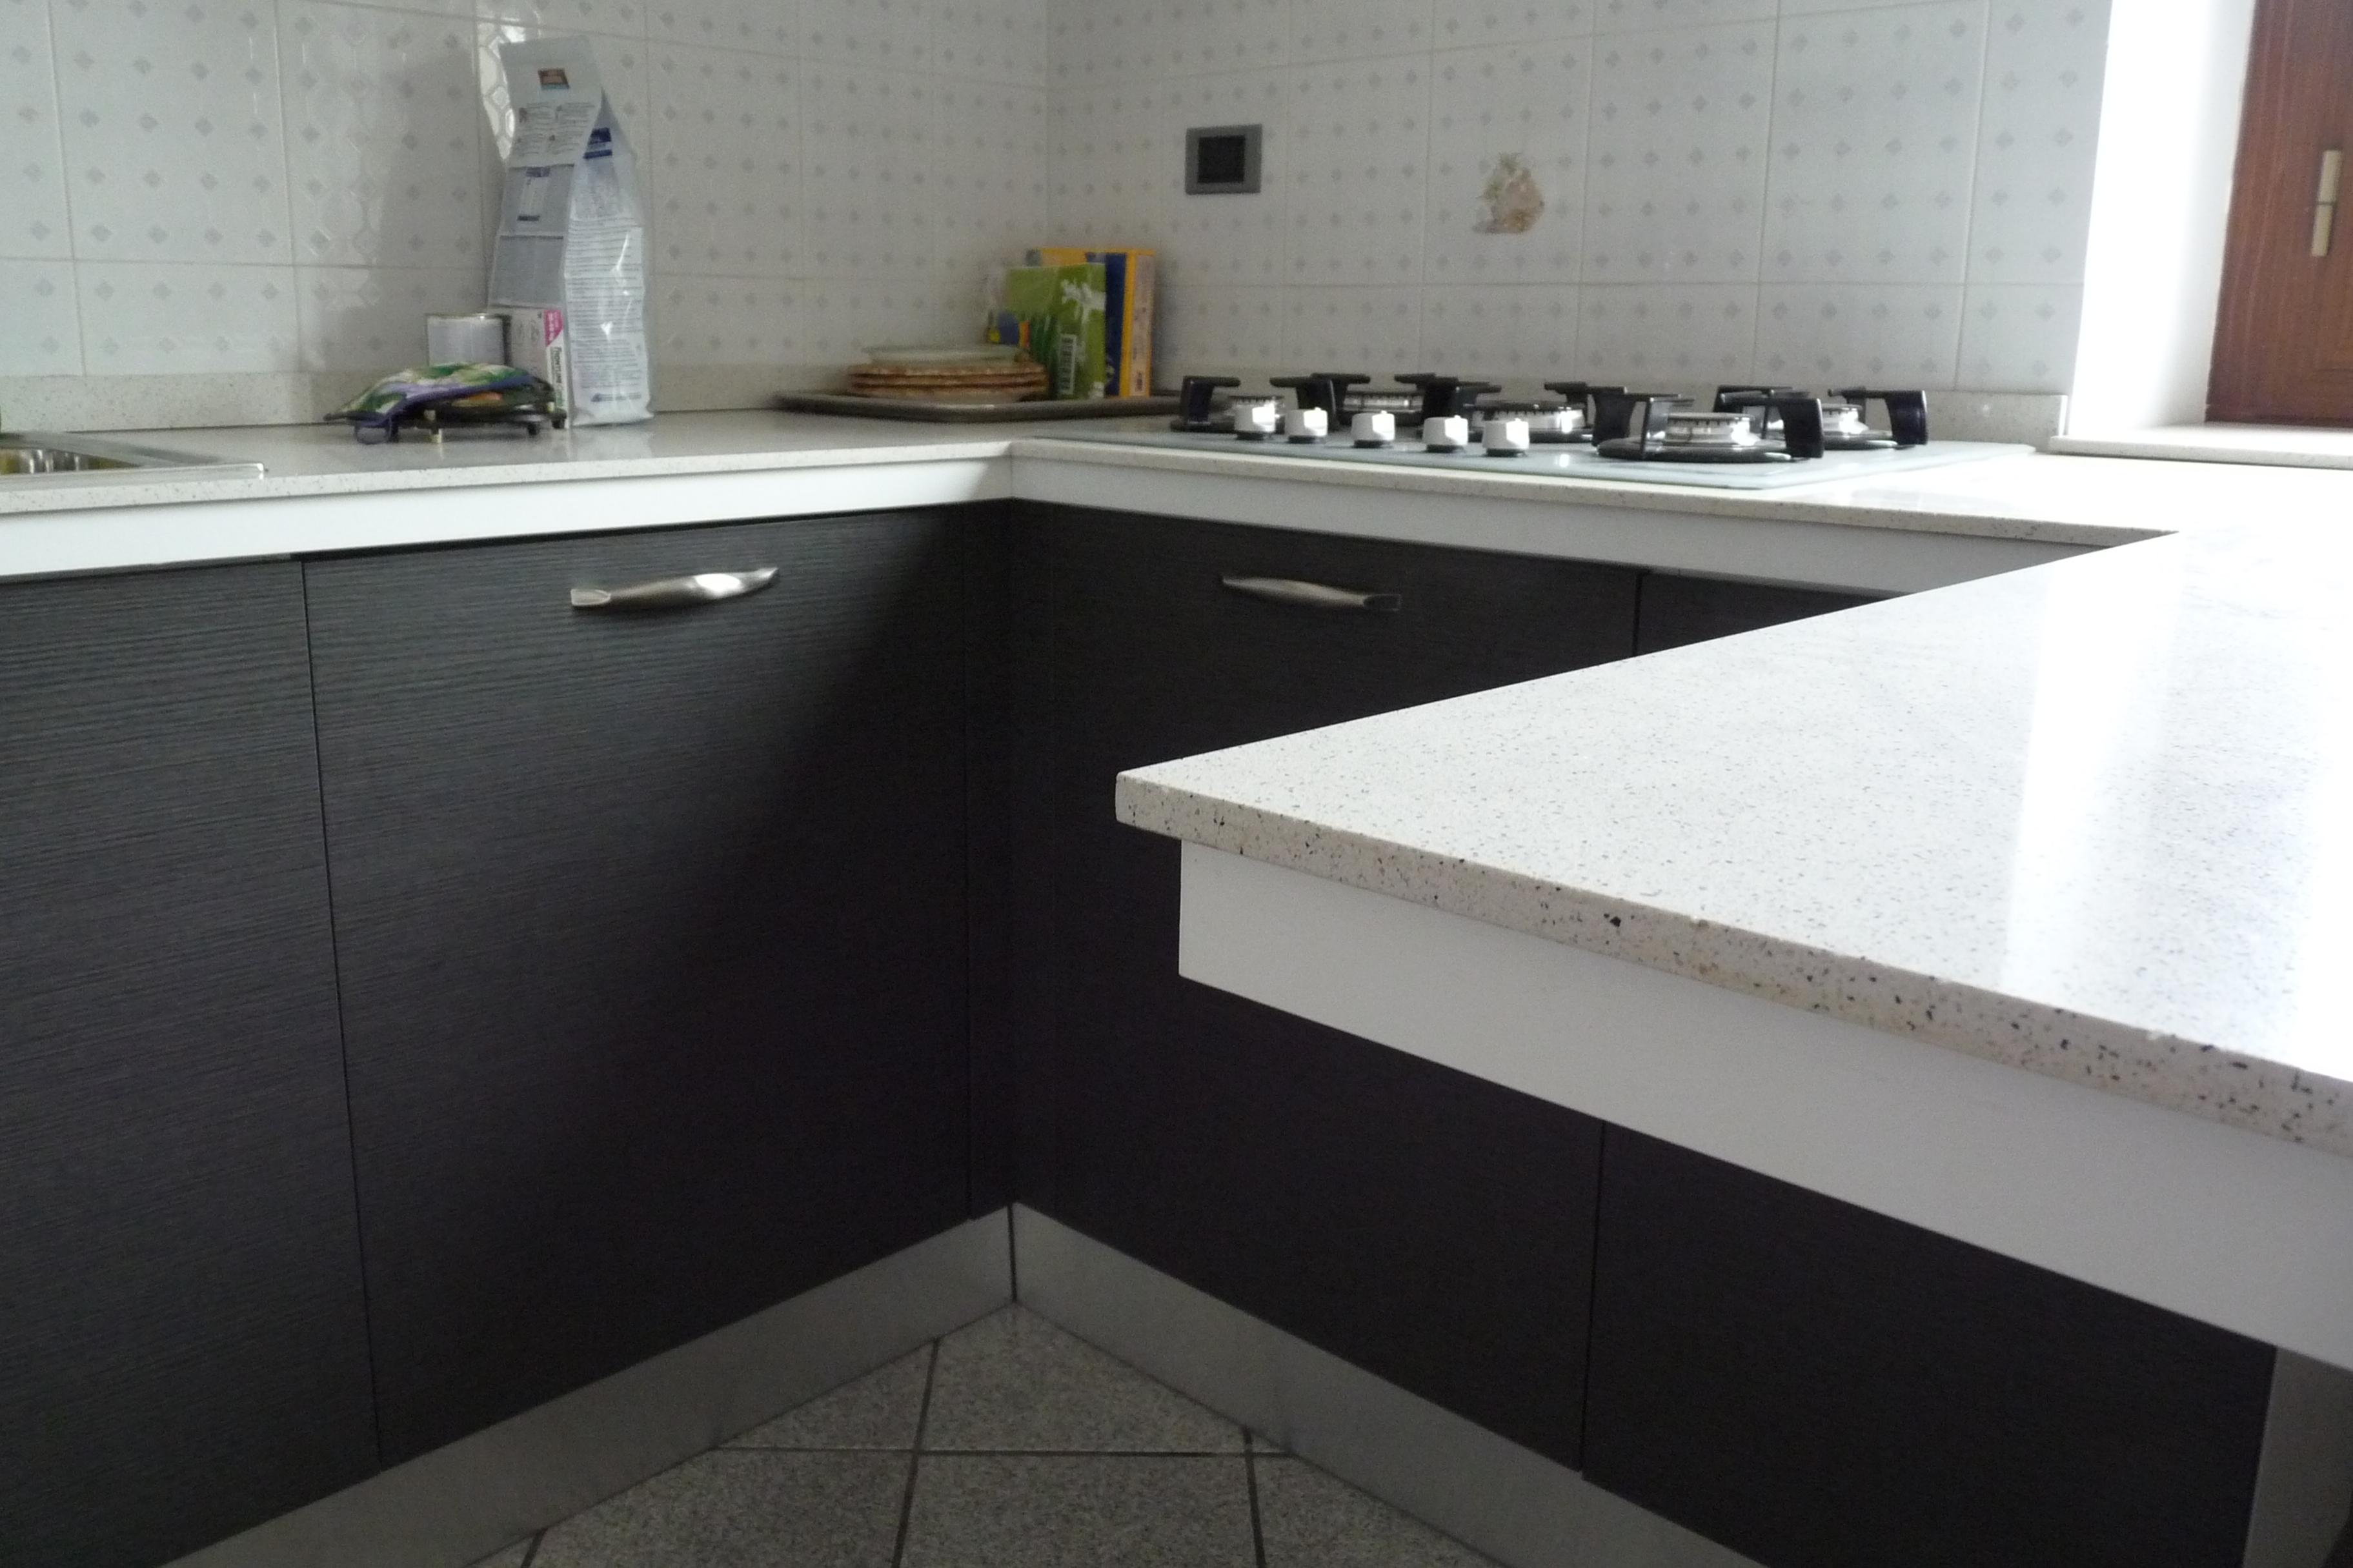 Nuova vita in cucina aifaicasa - Quarzite piano cucina ...